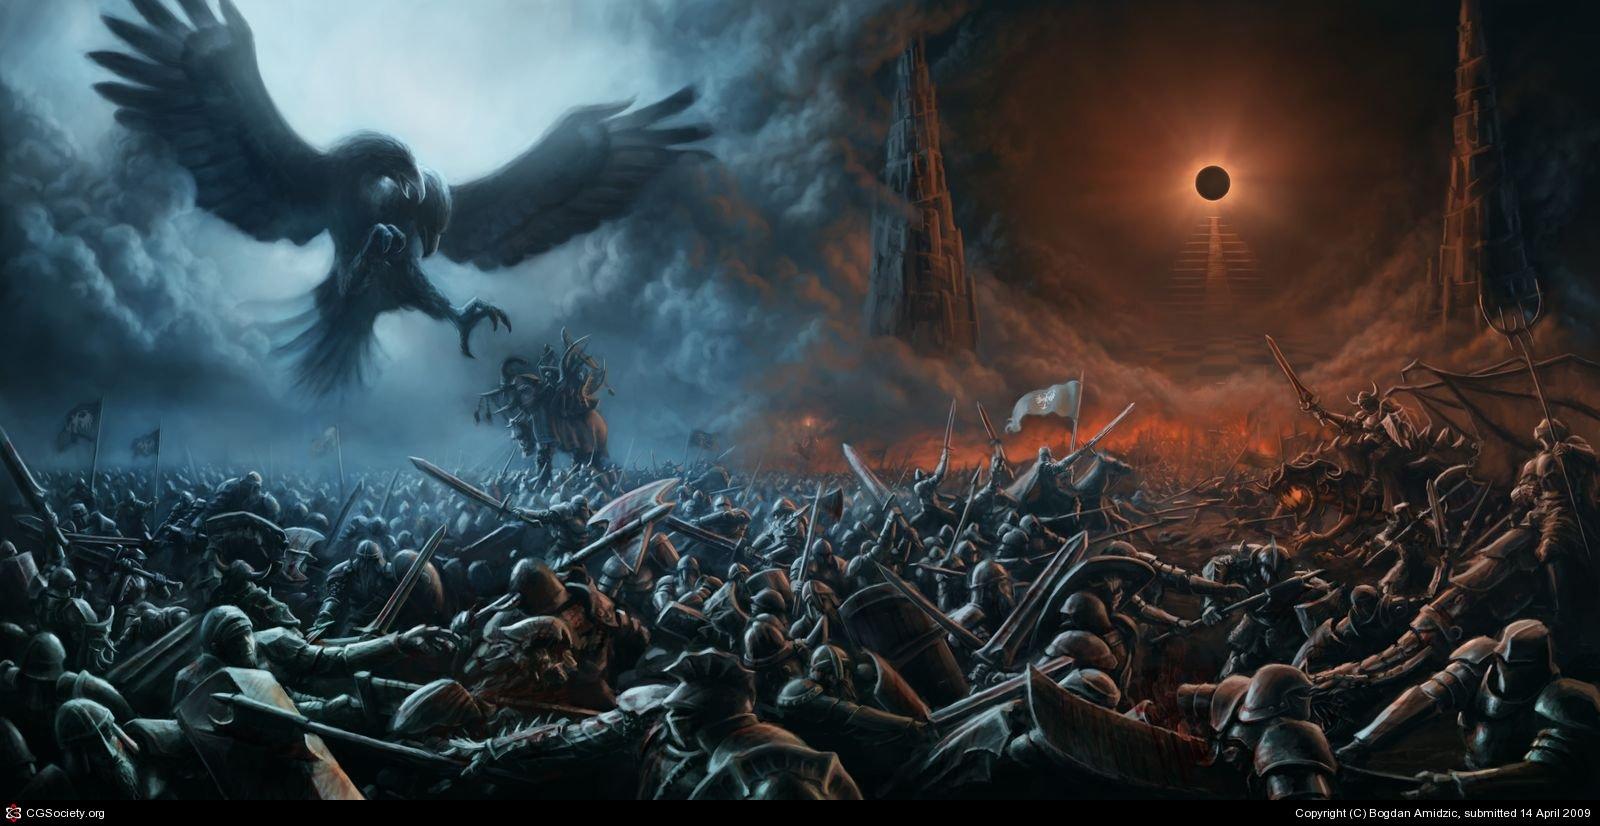 Hell wallpaper